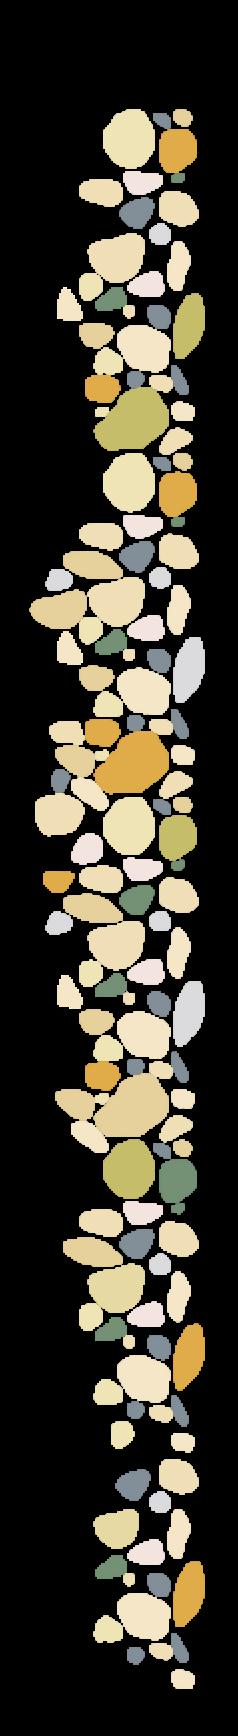 Pebble graphic.